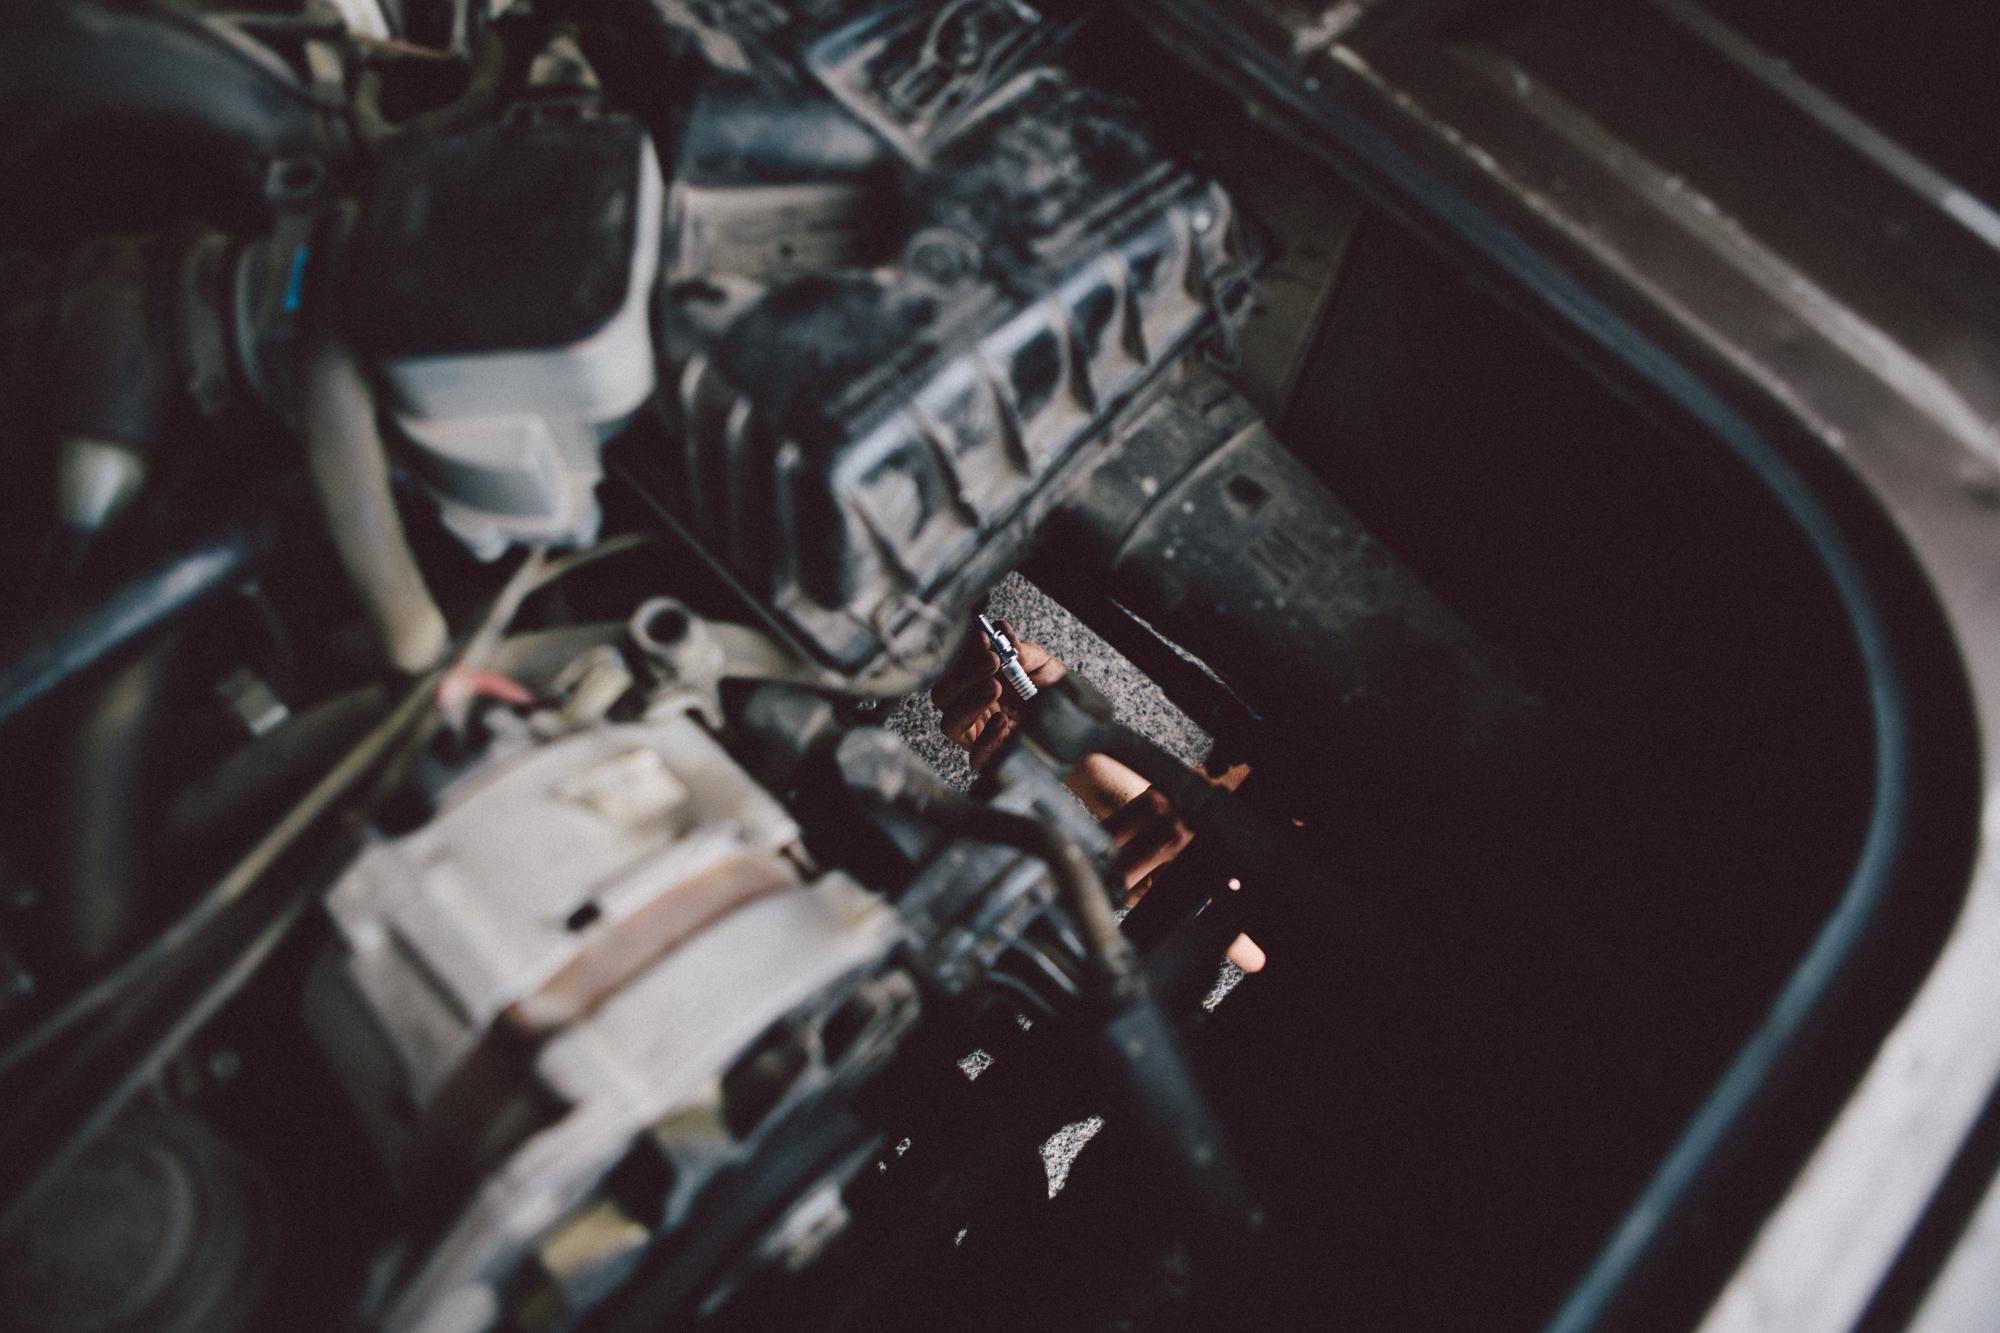 van_repairs_west_ys-3.jpg